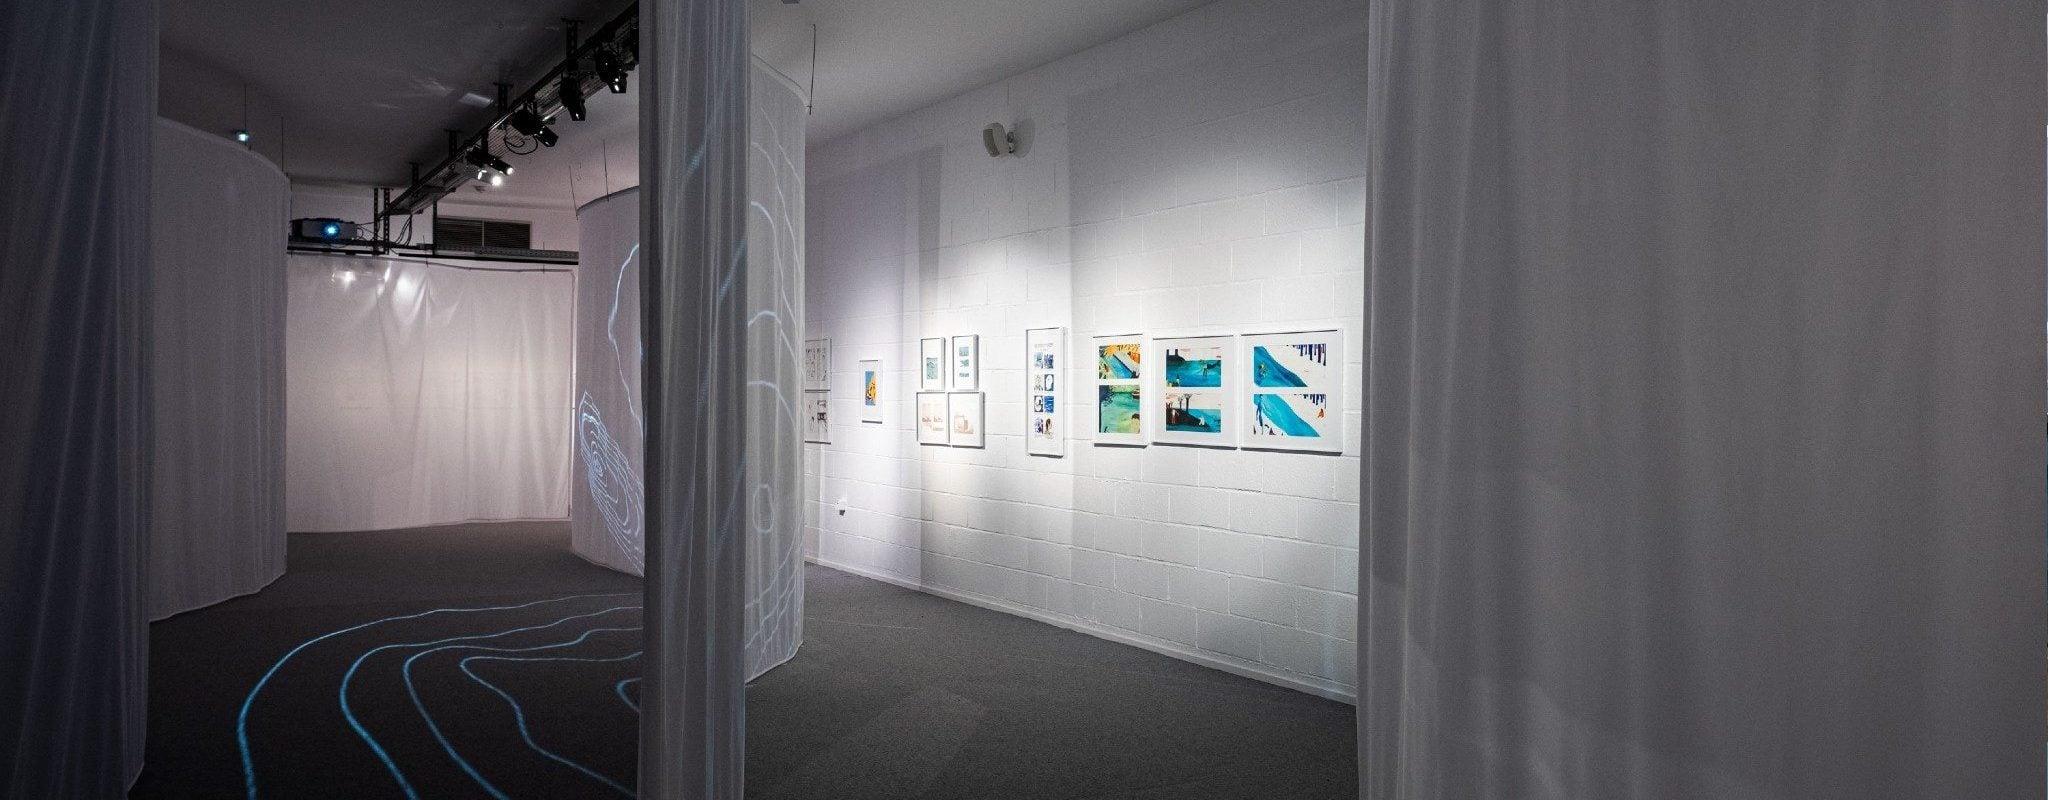 De la larme à l'océan : l'eau en bande dessinée à la fondation François Schneider